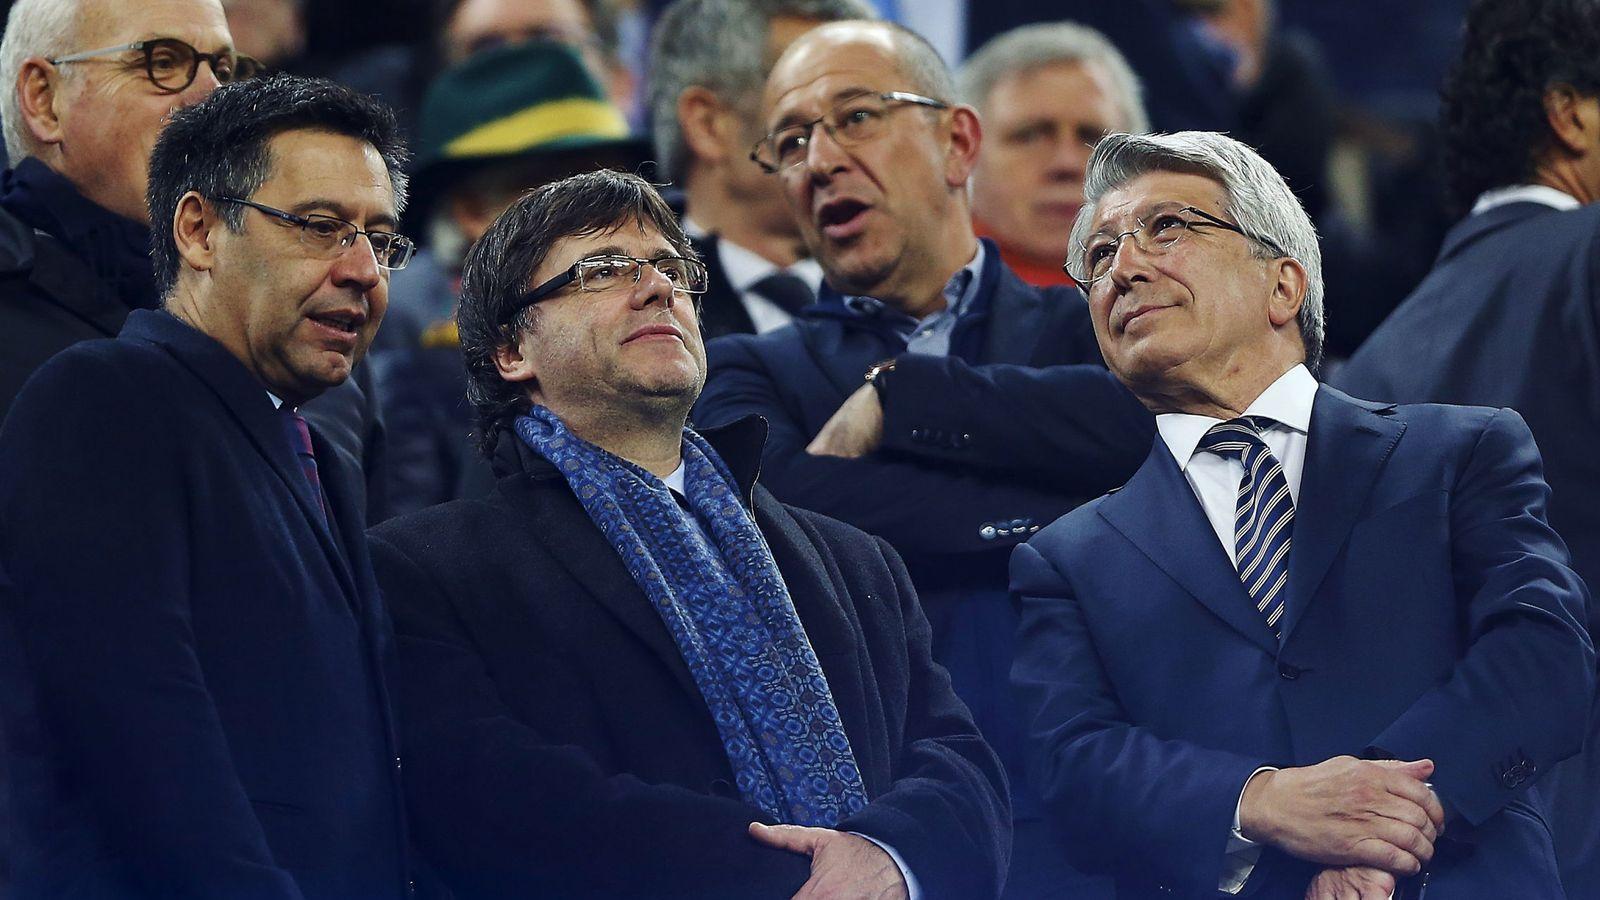 Foto: El presidente de la Generalitat, Carles Puigdemont, entre Bartomeu y Cerezo, en el palco del Camp Nou. (EFE/Alejandro García)